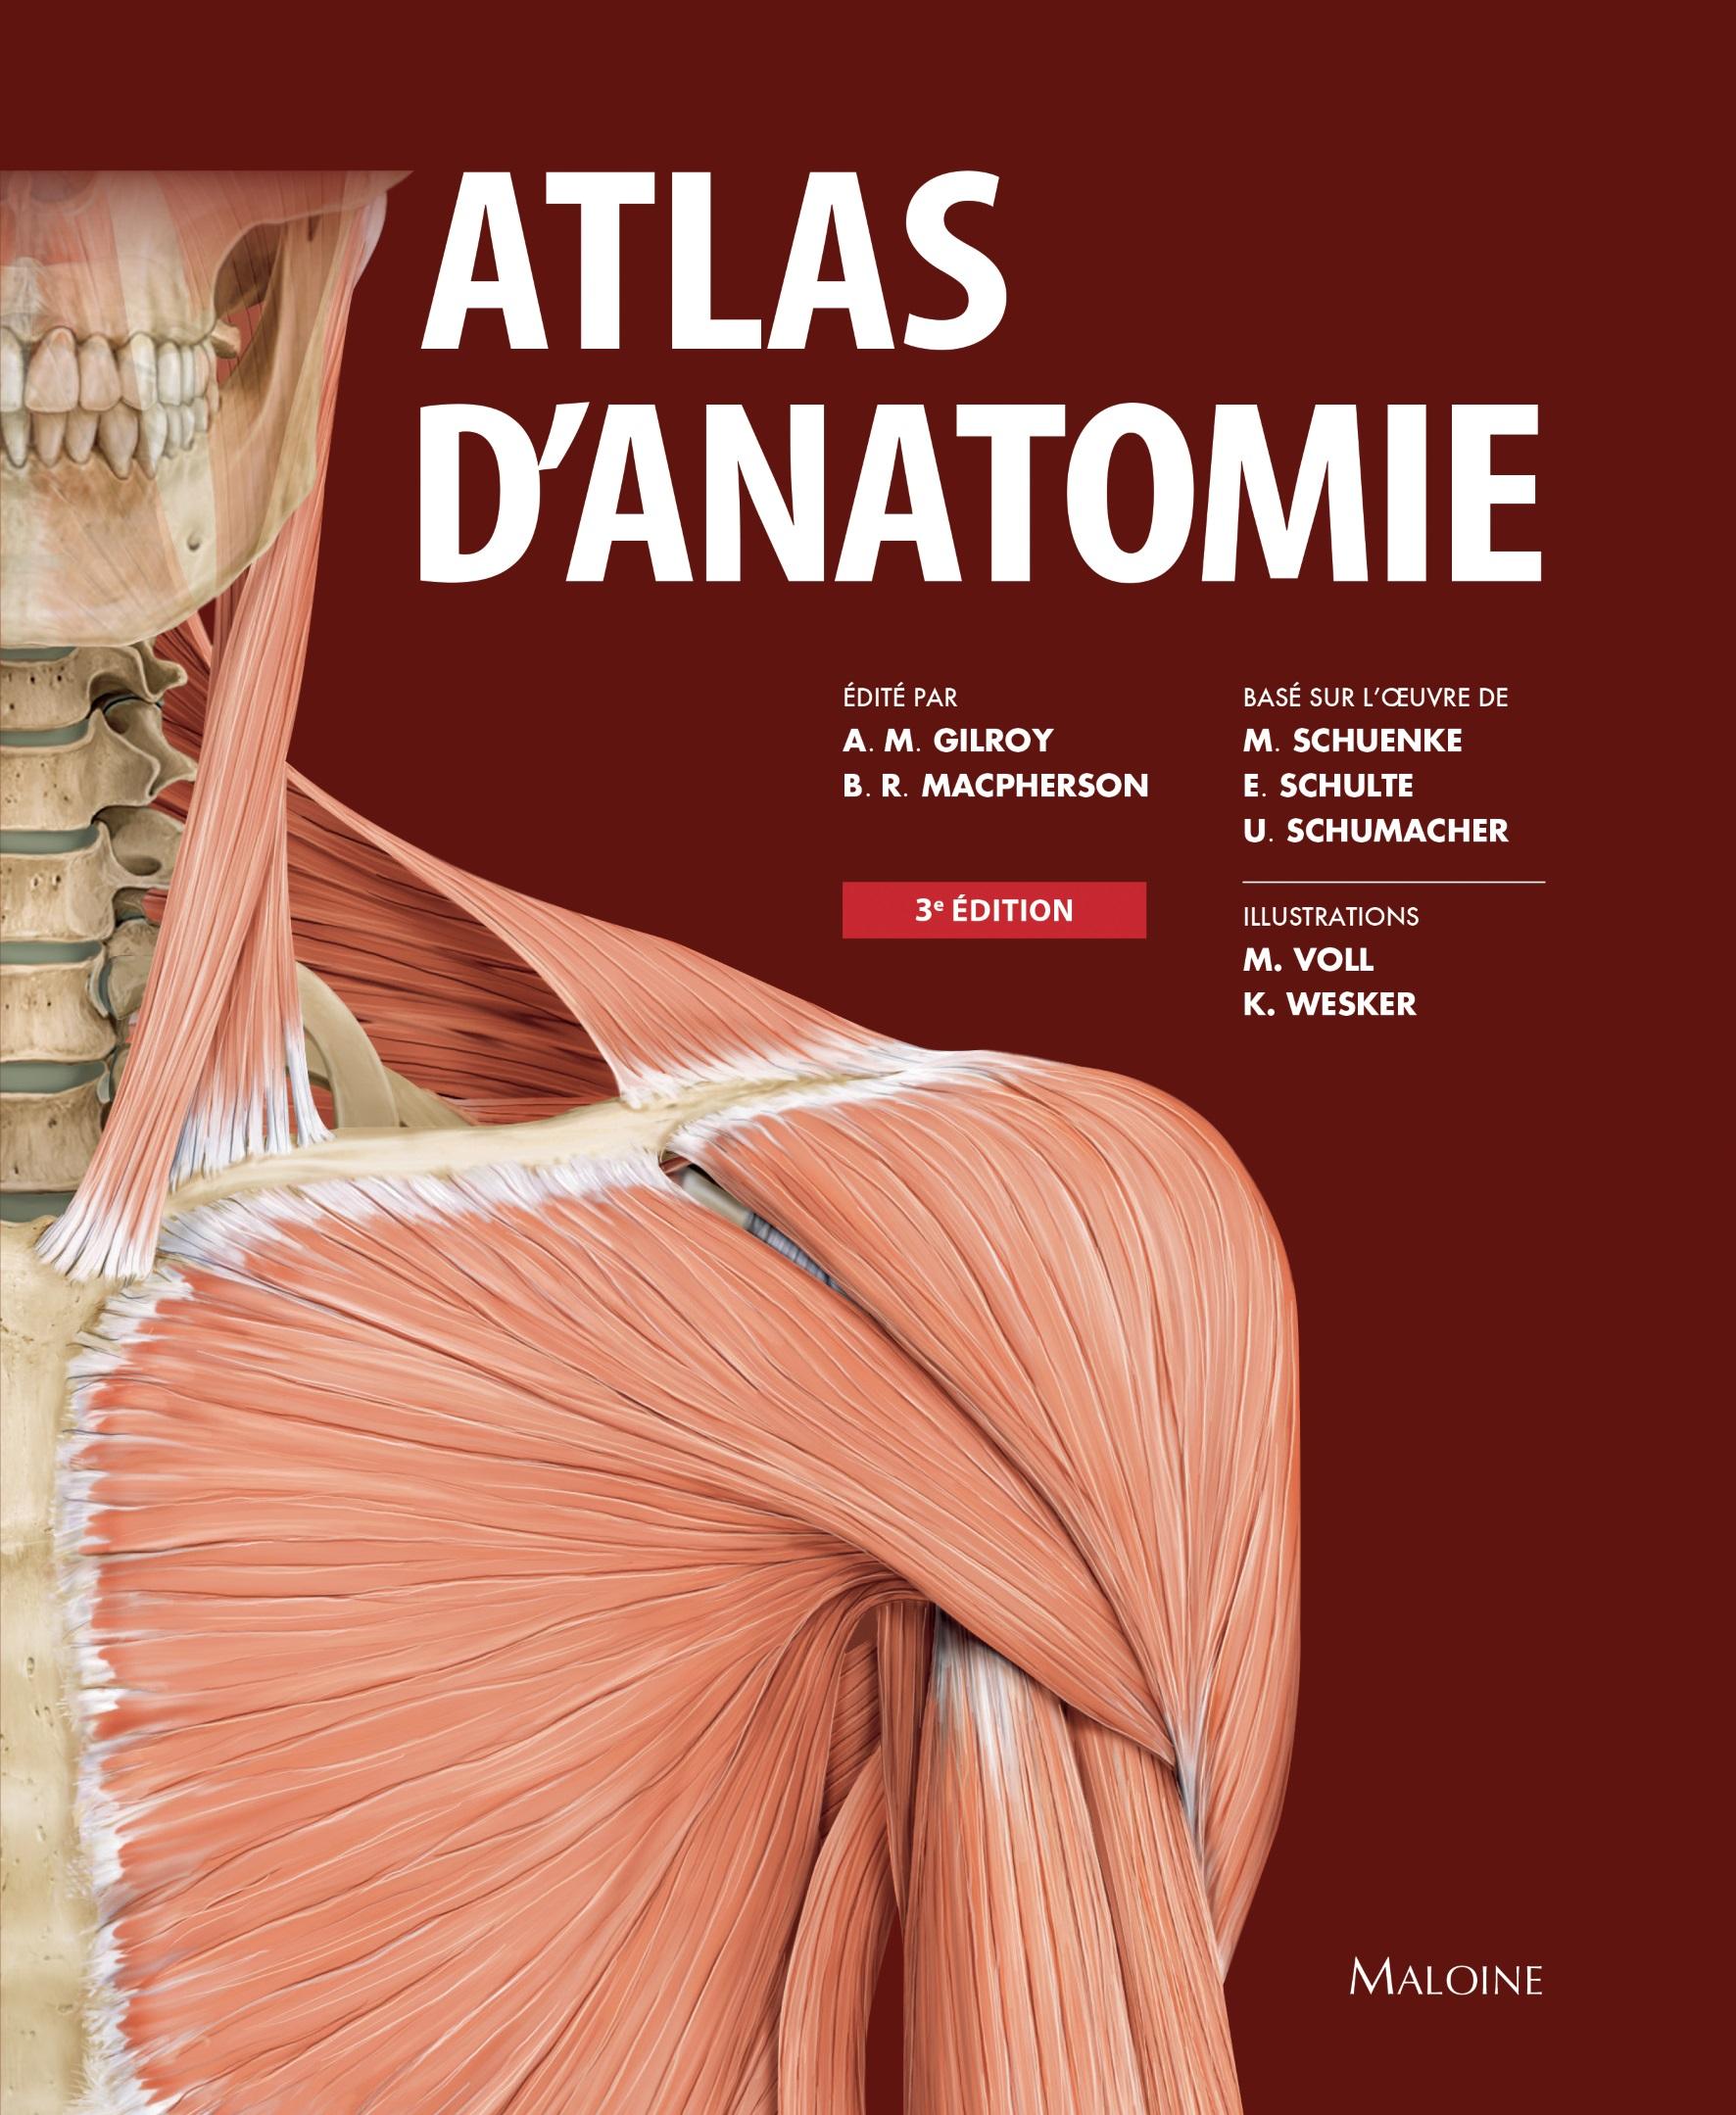 Atlas d'anatomie 3e éd.